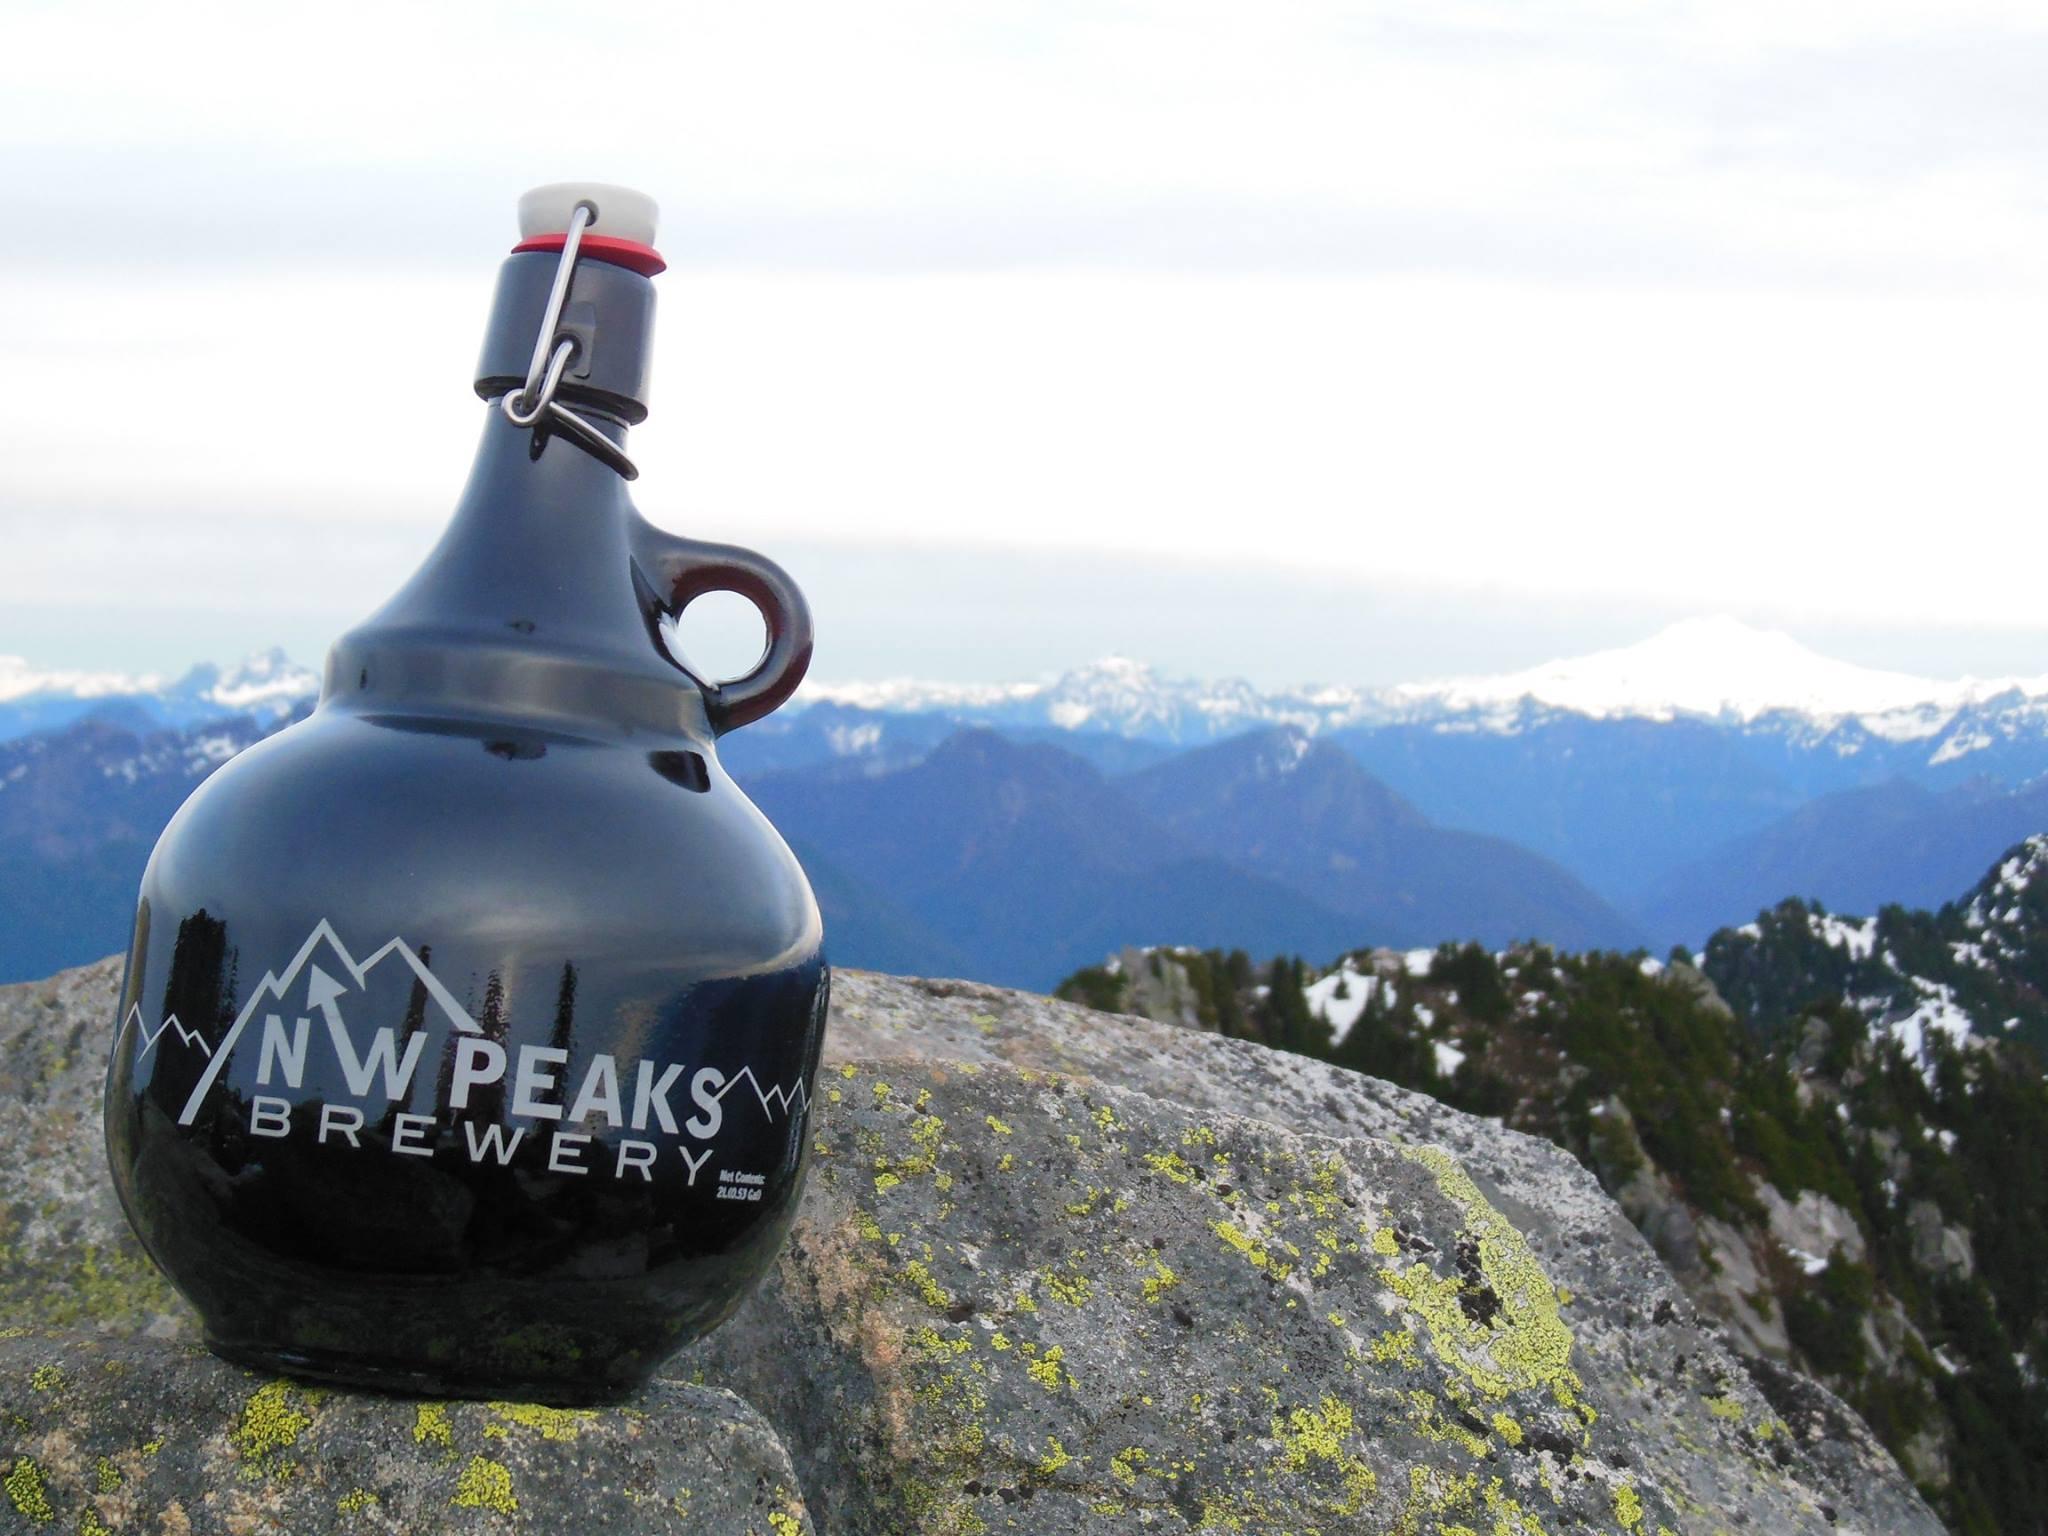 Growler-2-mountains-NW-Peaks.jpg